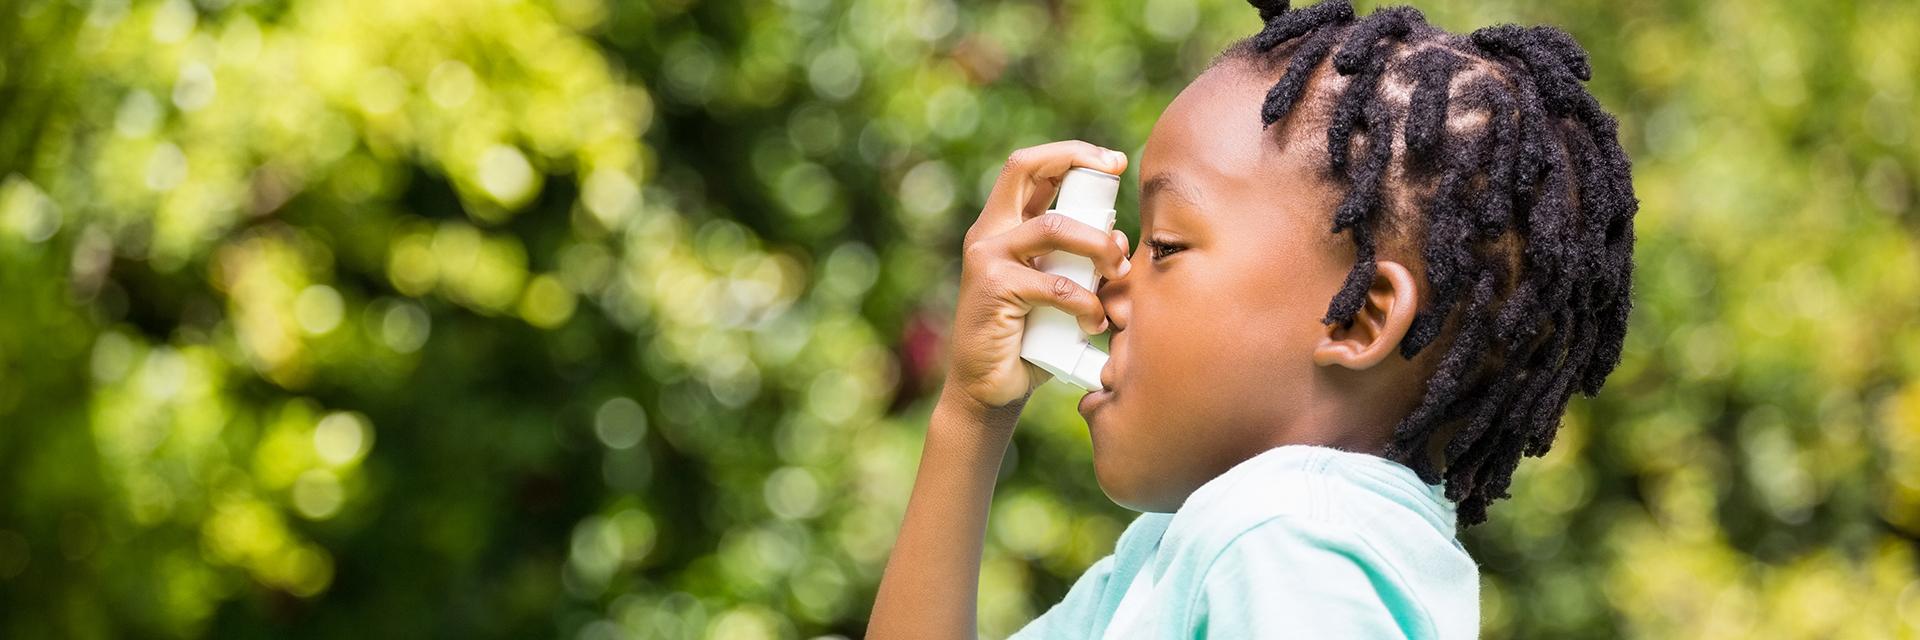 Verringern Sie Ihre Asthmabeschwerden